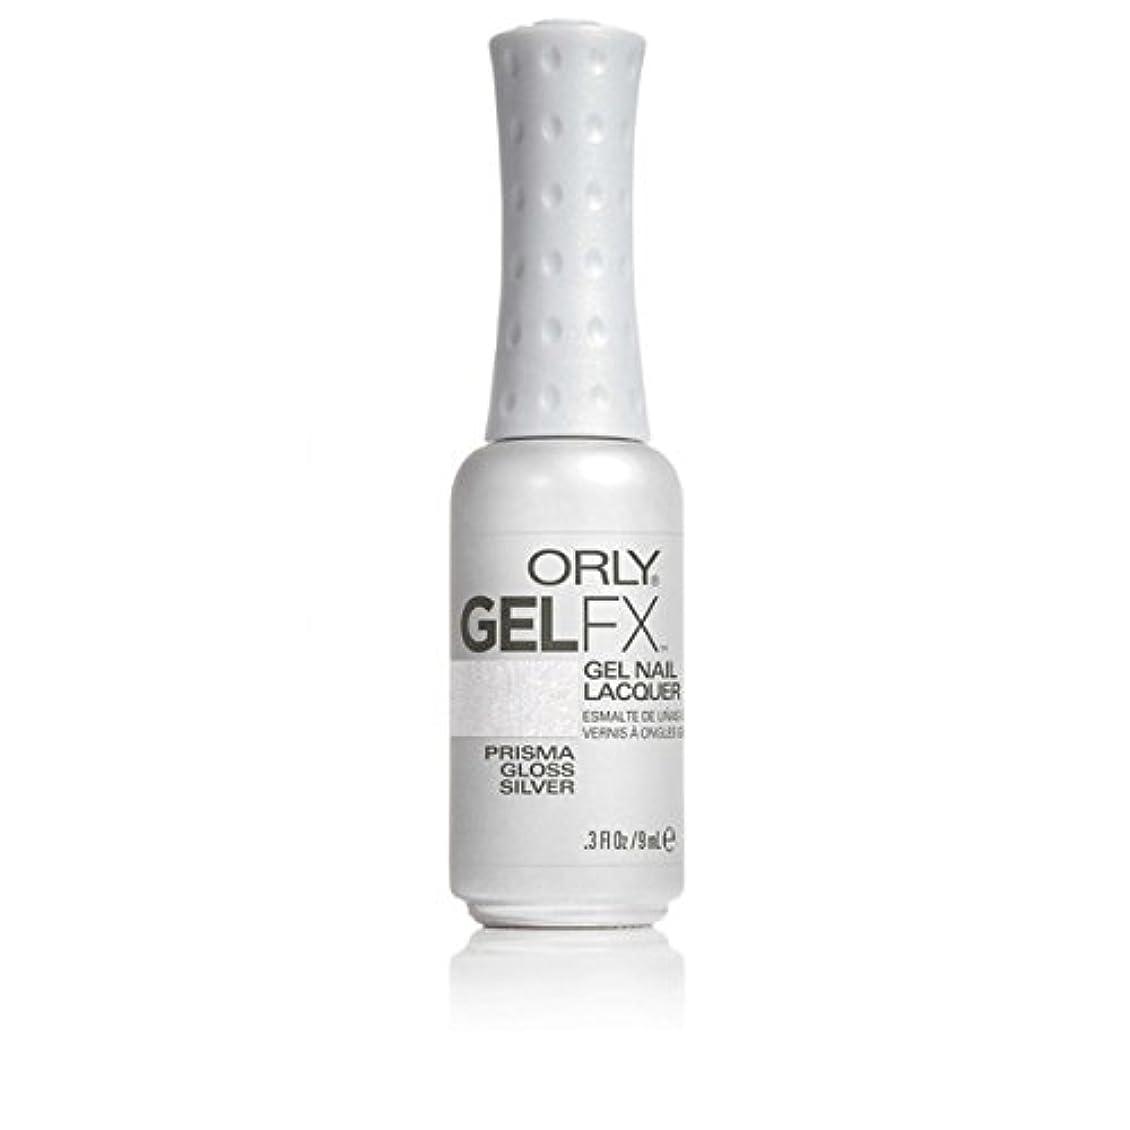 ウィスキー賞賛する民間ORLY(オーリー)ジェルFXジェルネイルラッカー 9ml プリズマグロスシルバー#30708